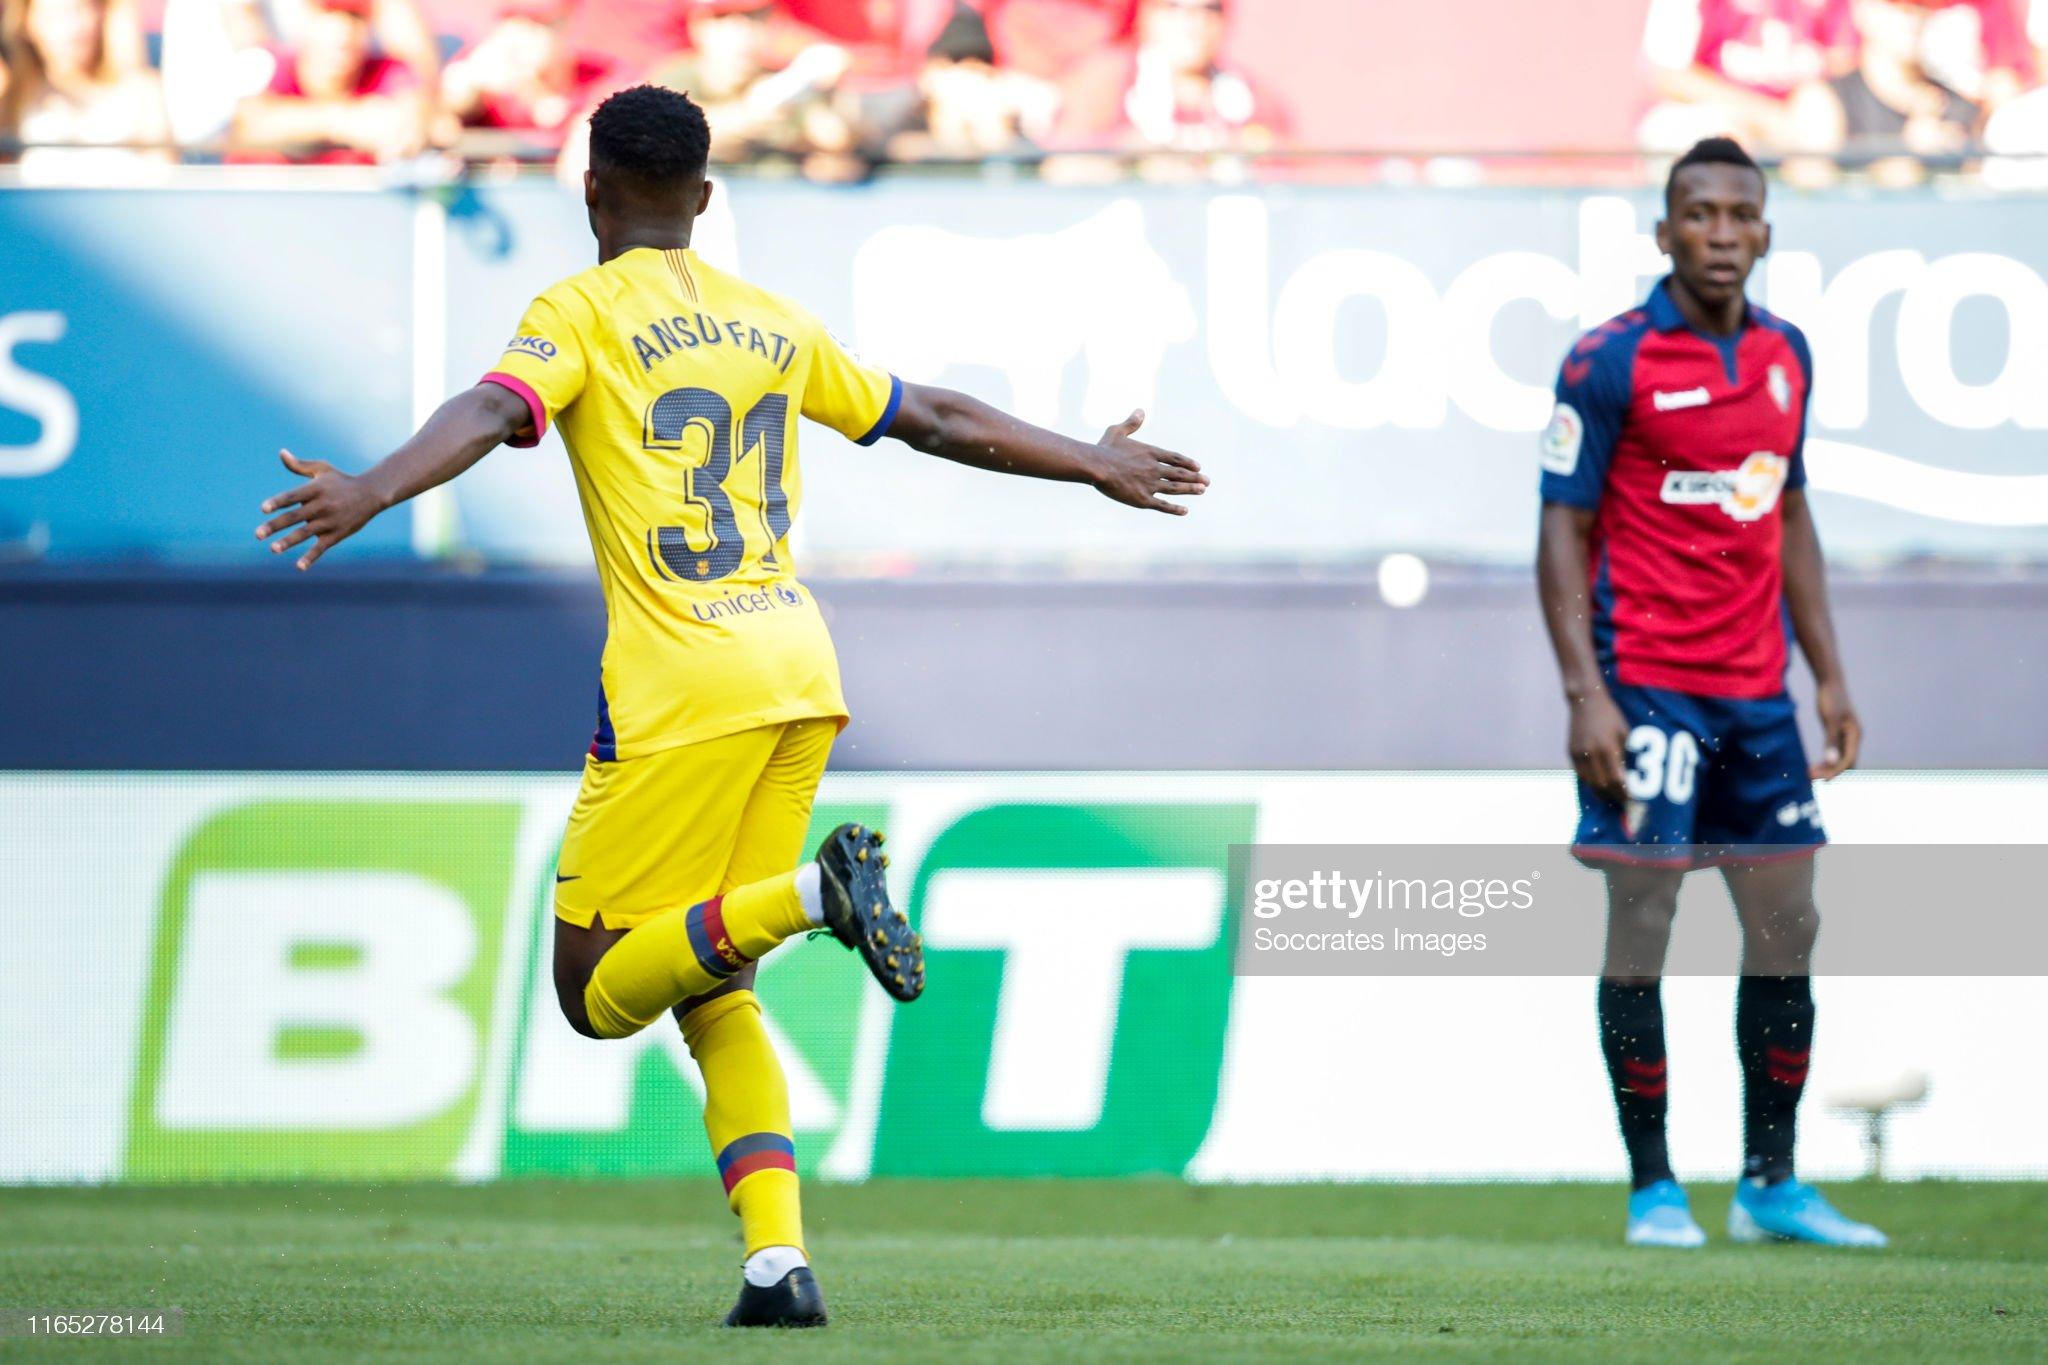 صور مباراة : أوساسونا - برشلونة 2-2 ( 31-08-2019 )  Ansu-fati-of-fc-barcelona-celebrates-goal-11-during-the-la-liga-v-picture-id1165278144?s=2048x2048